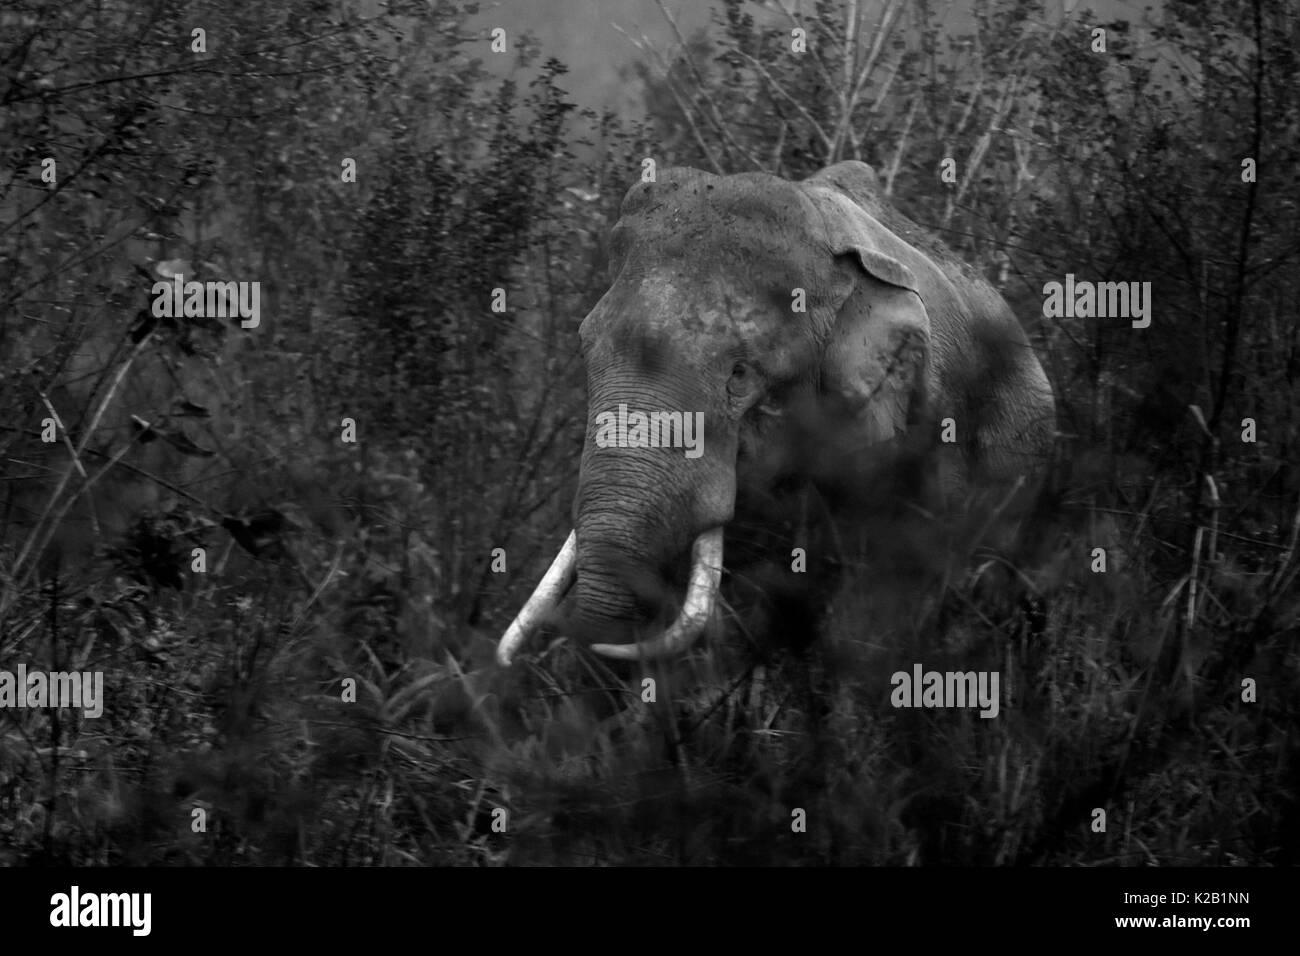 Indian Elephant in the grasslands of Kaziranga National Park, Assam, India. - Stock Image